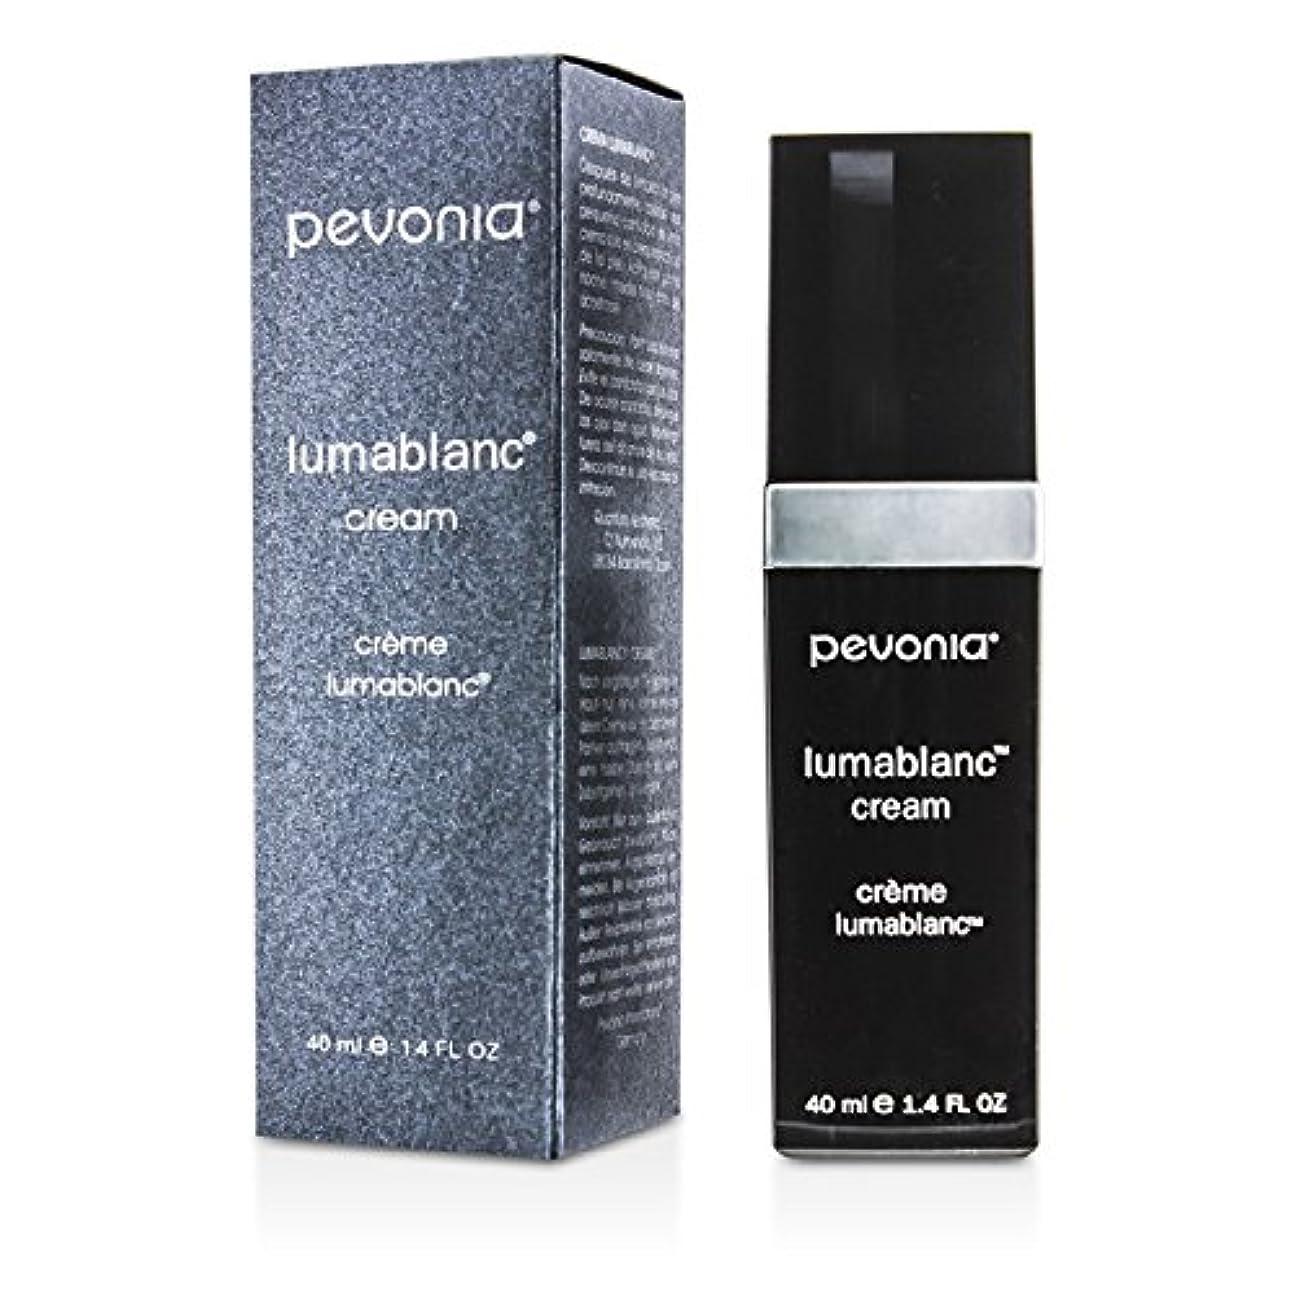 徒歩で再発する眠っているペボニア ボタニカ Lumablanc Cream 40ml/1.4oz並行輸入品